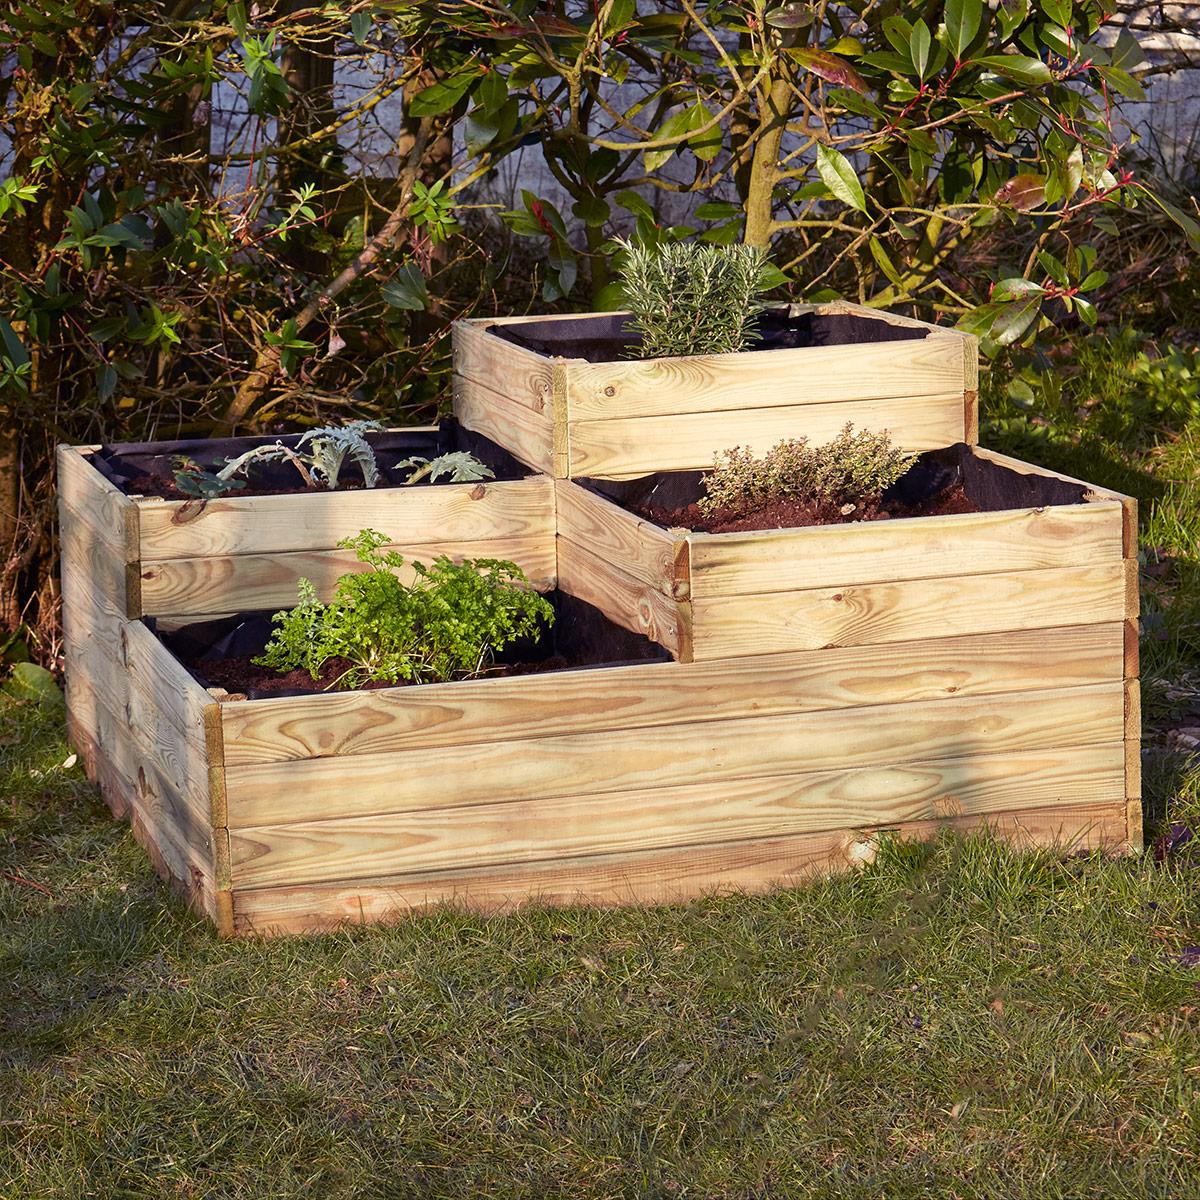 Potagers achat vente de potagers pas cher for Jardin potager bois